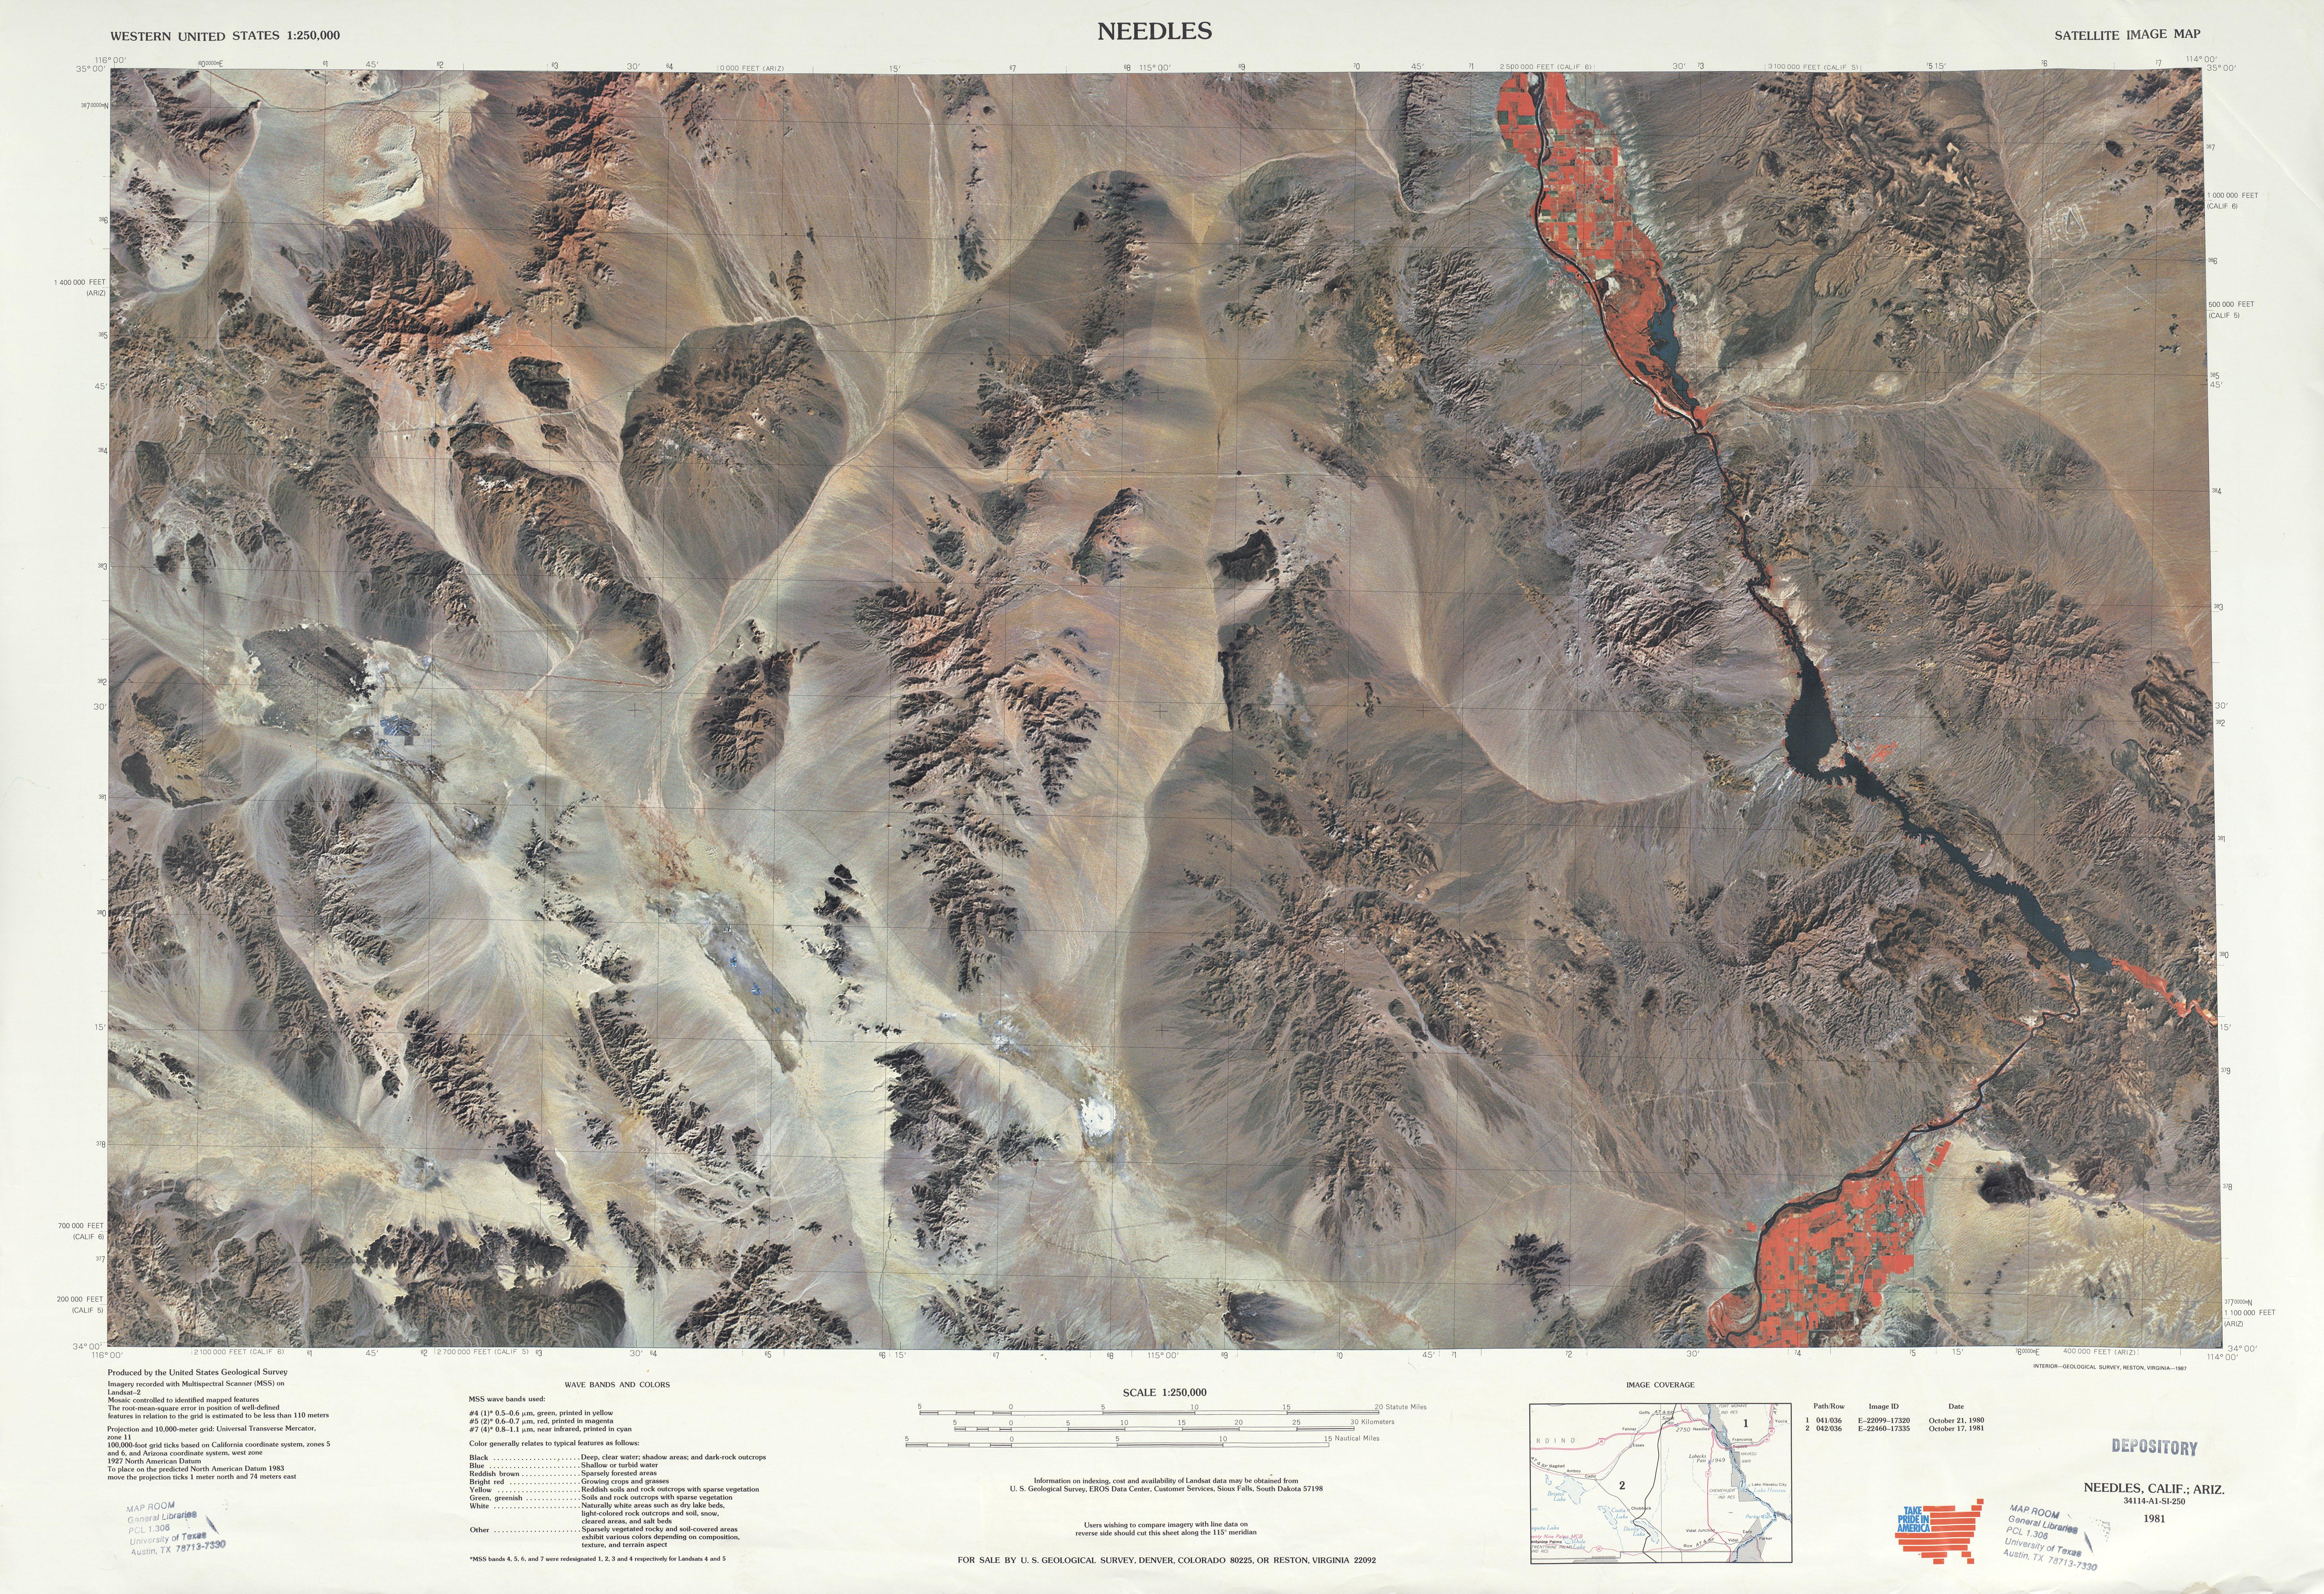 Hoja Needles del Mapa Topográfico de los Estados Unidos 1969